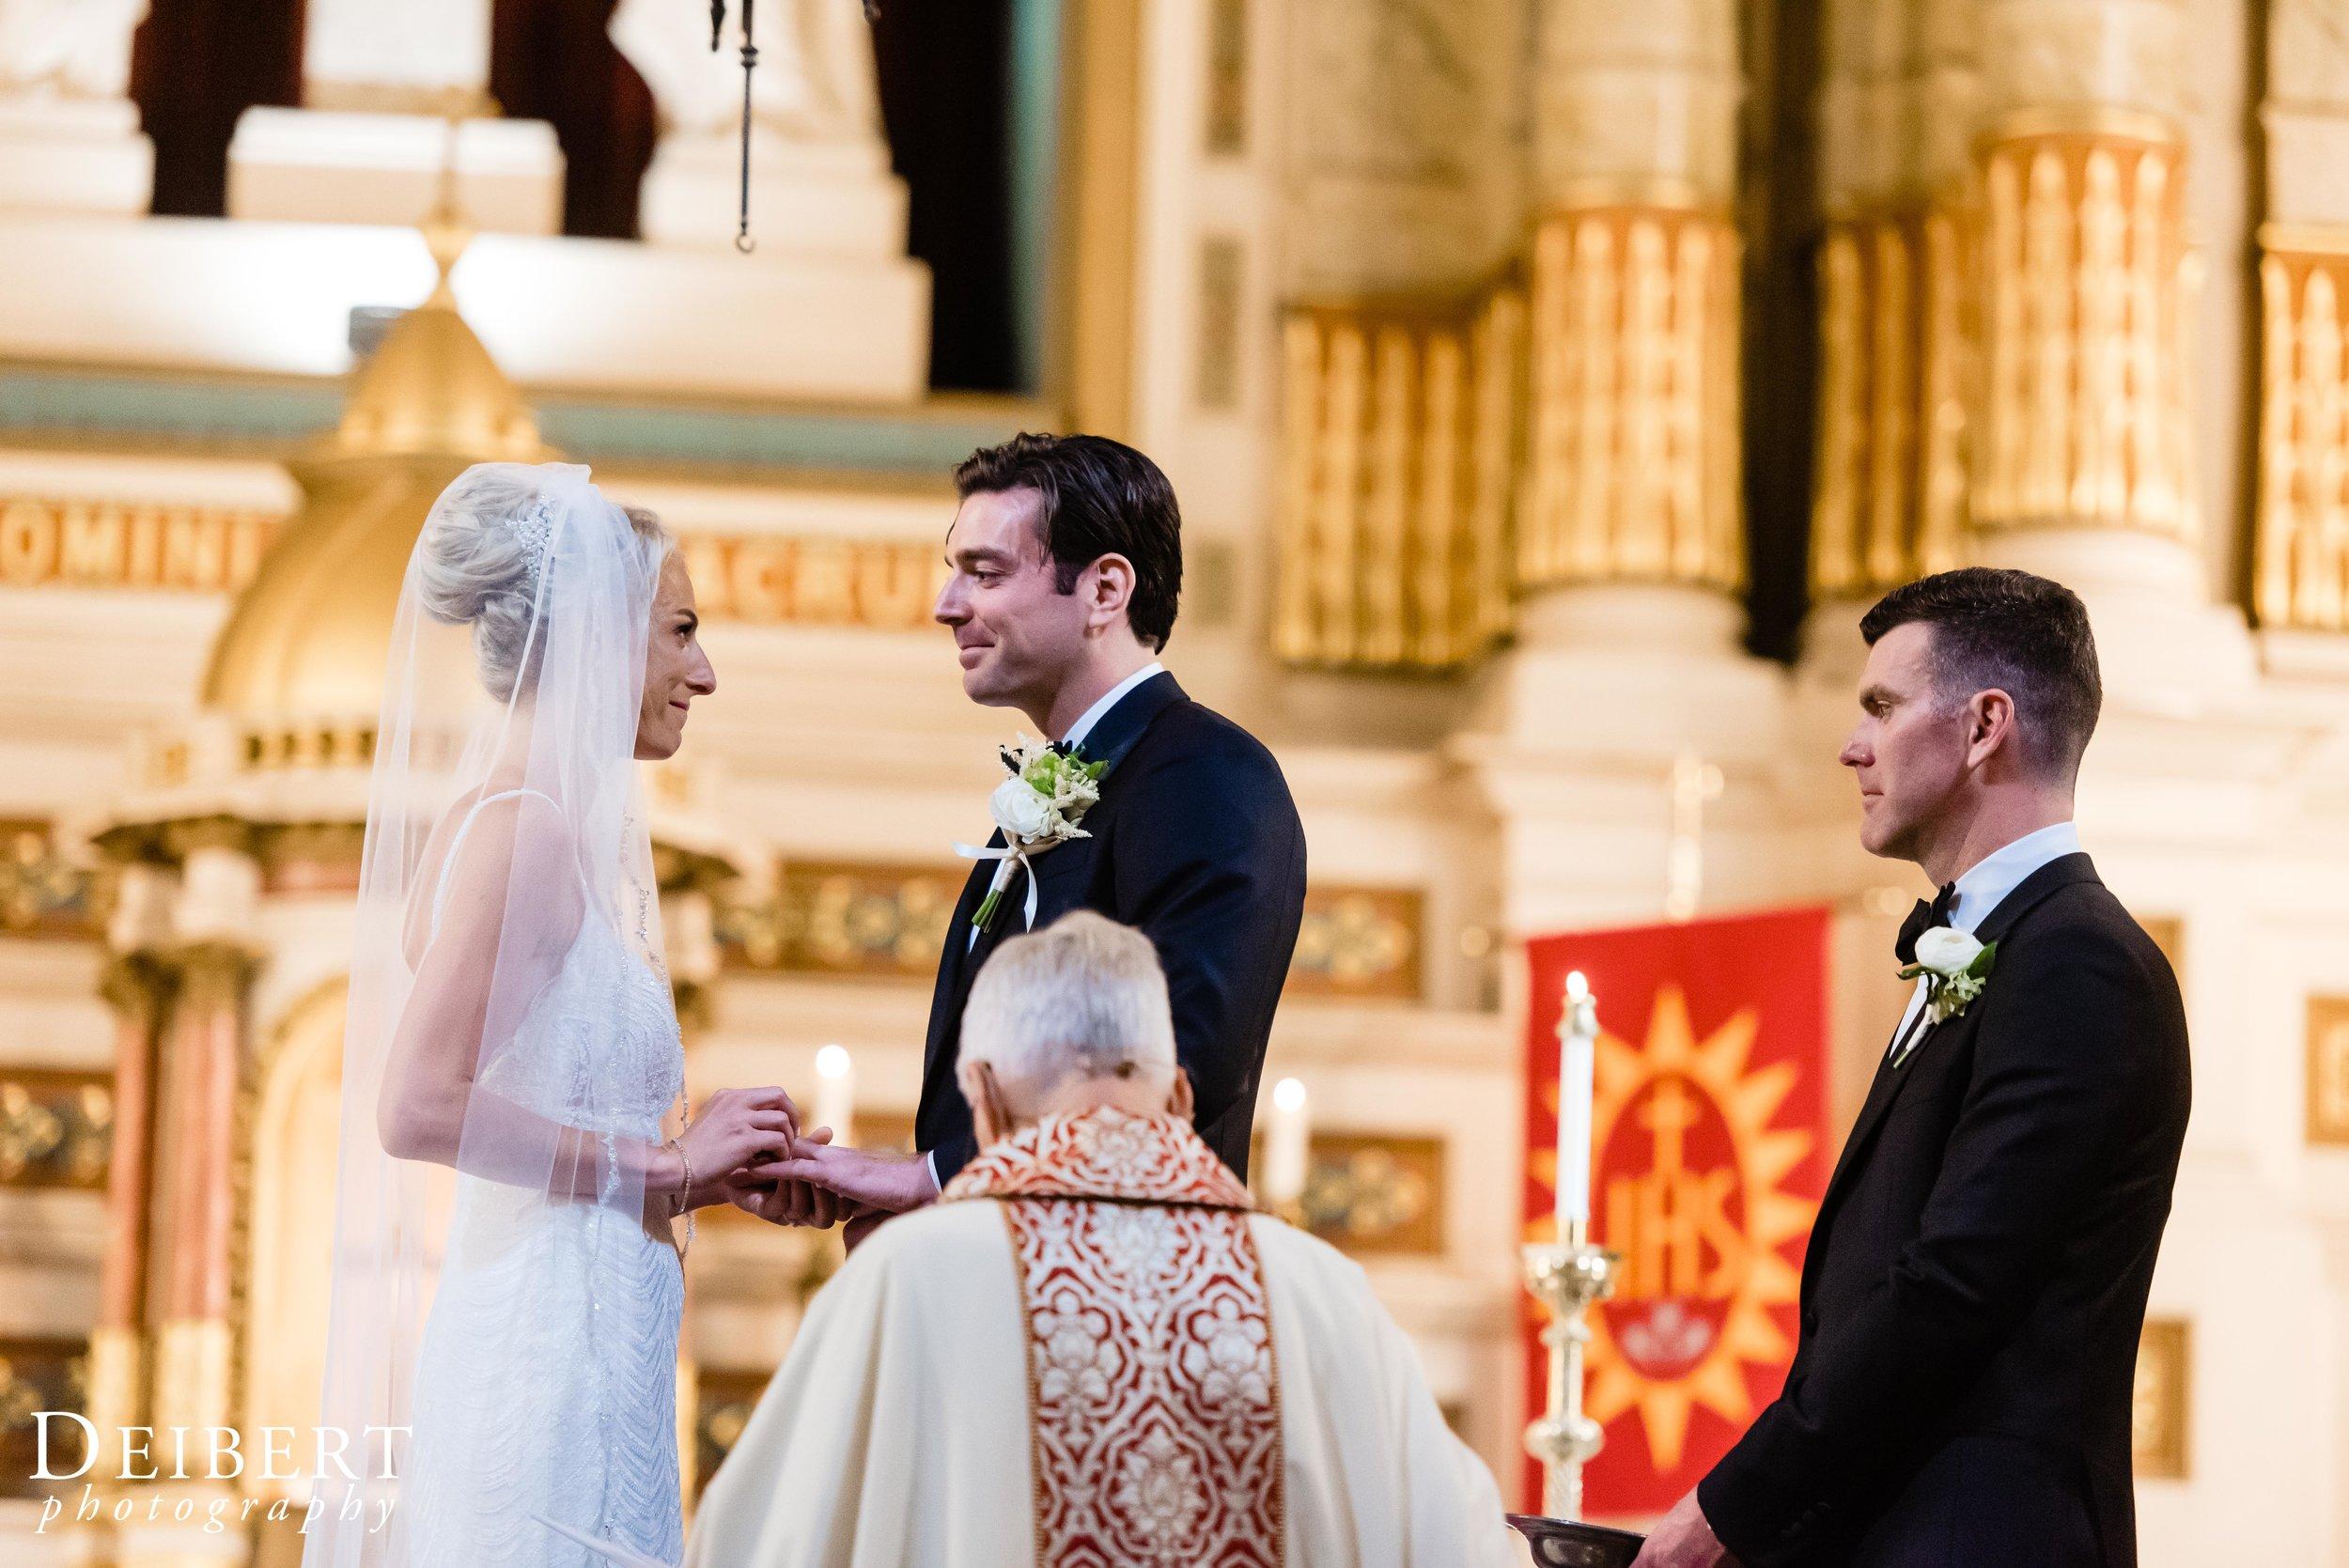 Elizabeth and Daniel_College of Physicians_Wedding-64.jpg